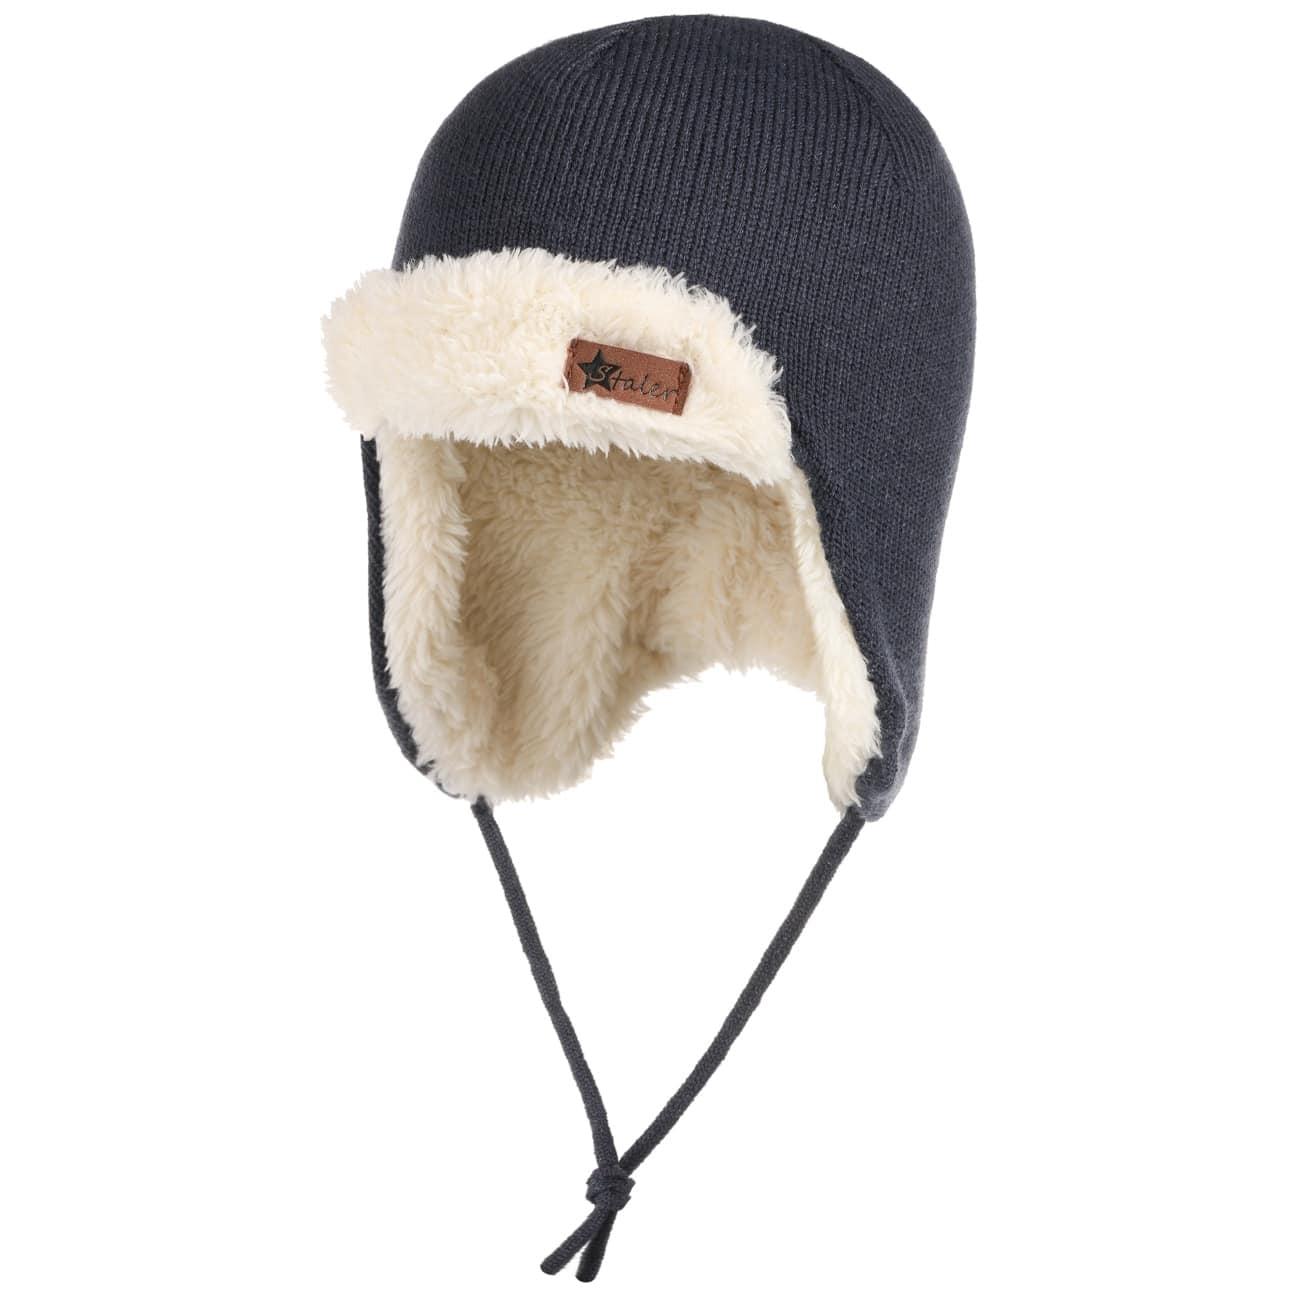 Bonnet pour Enfant Staler by Sterntaler  bonnet d`aviateur